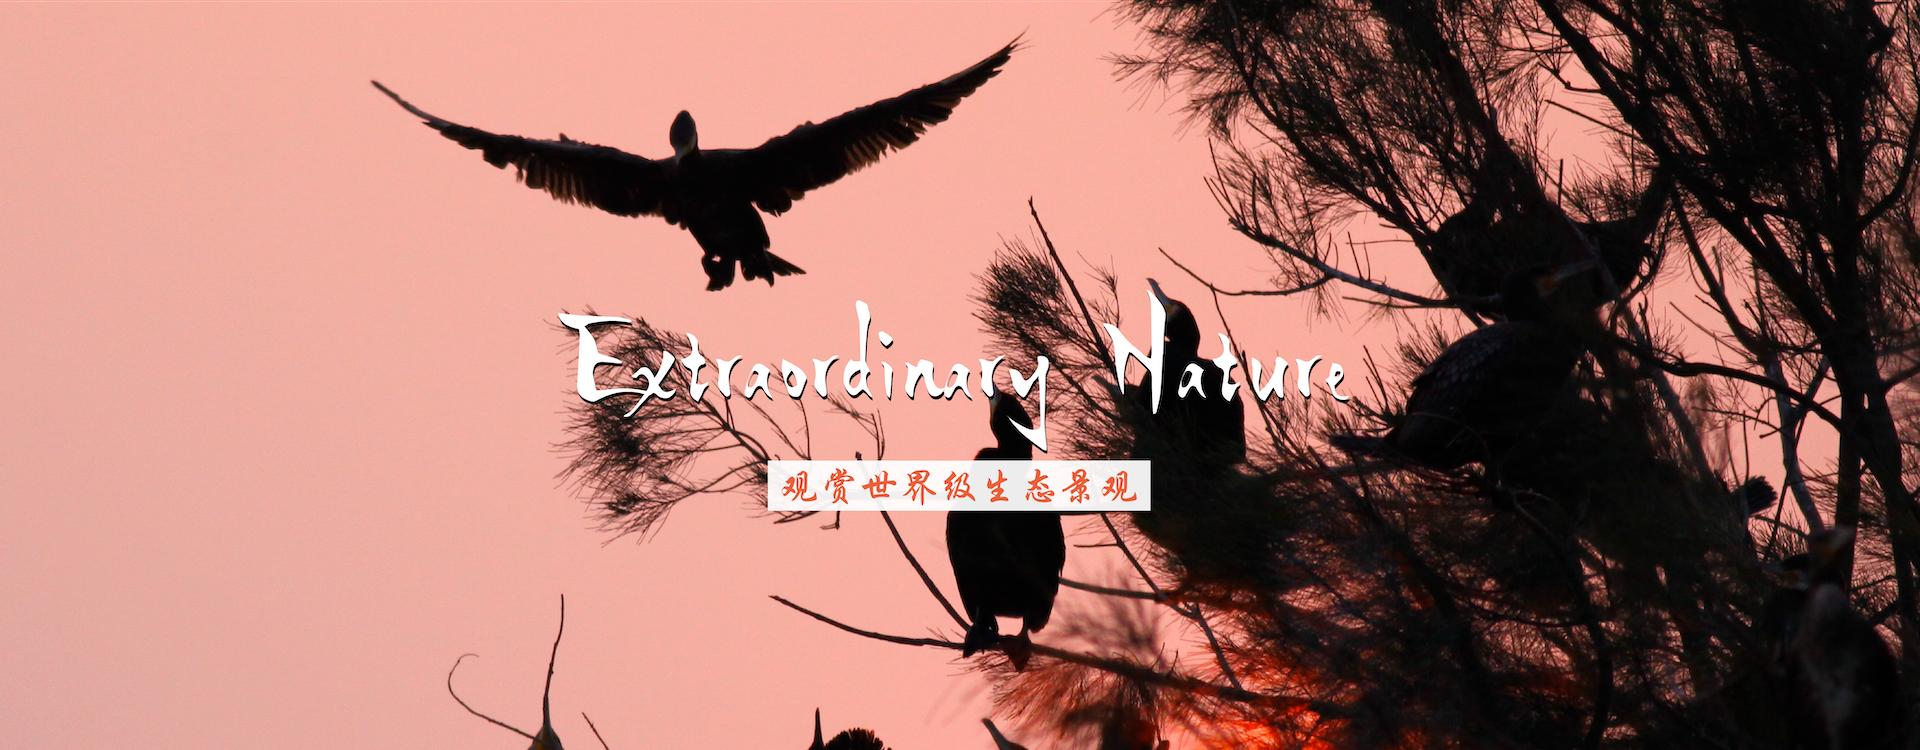 观赏绝美的候鸟飞翔天堂